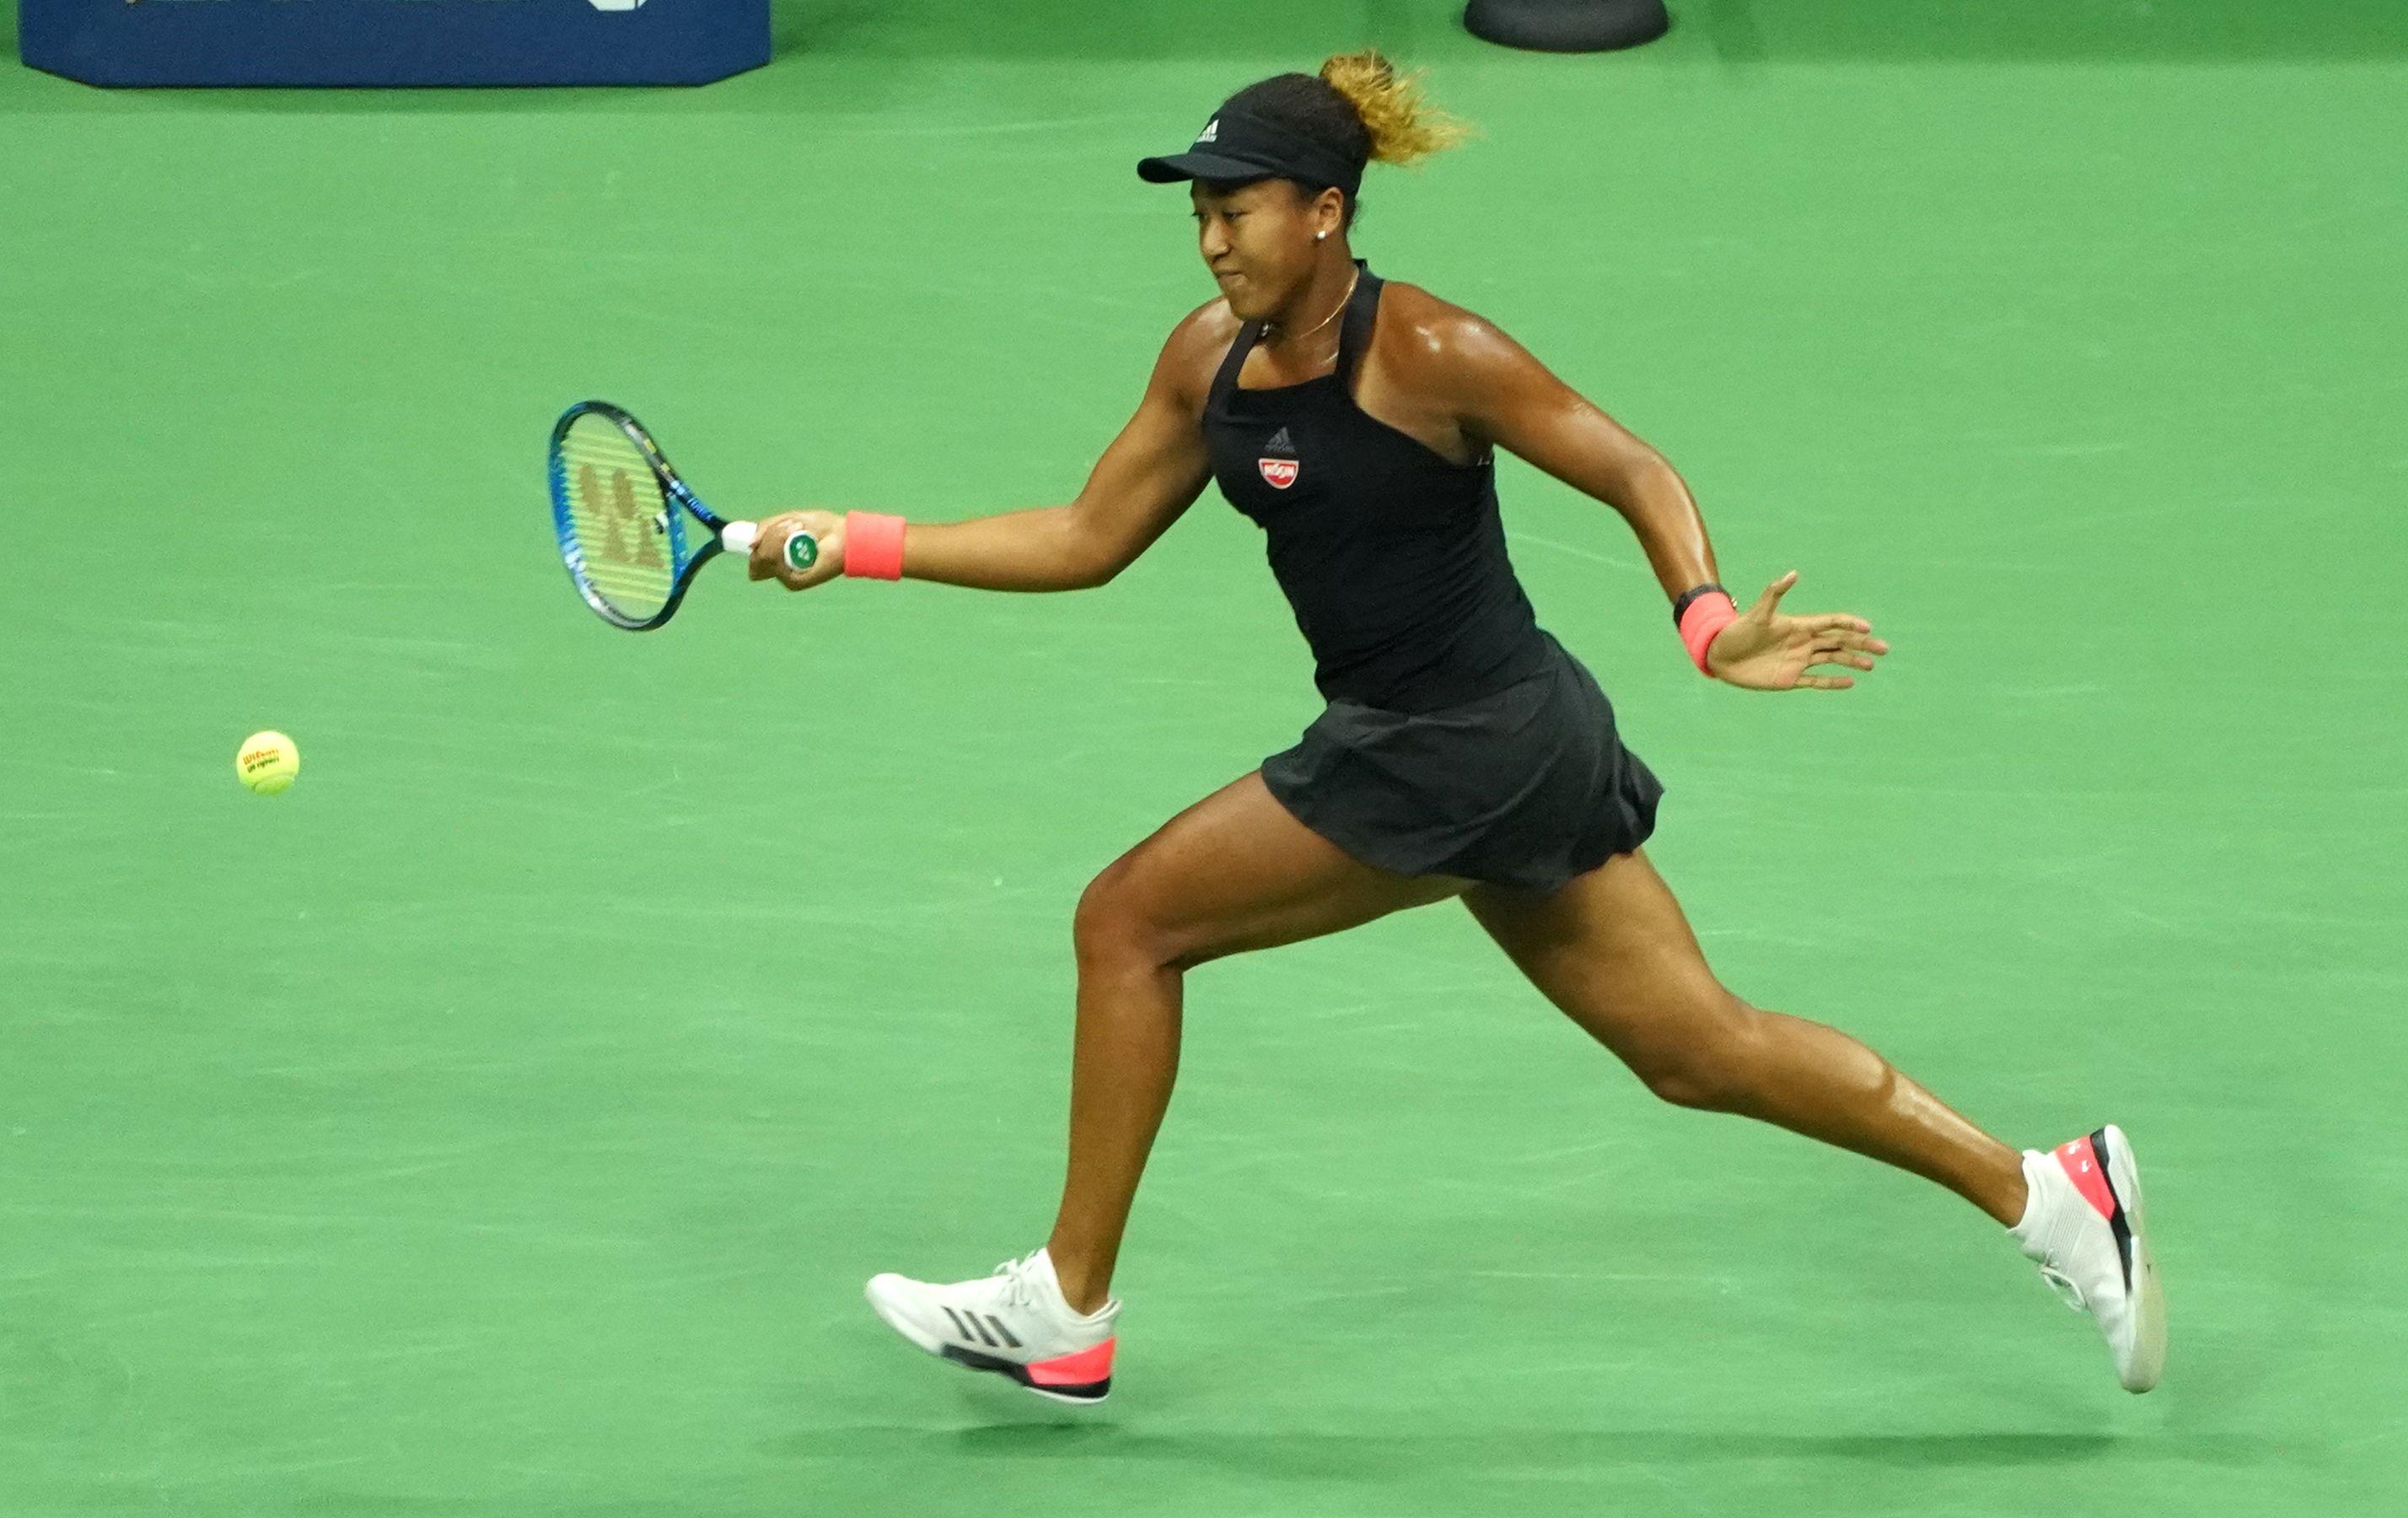 لاعبة التنس المفتوح أوساكا